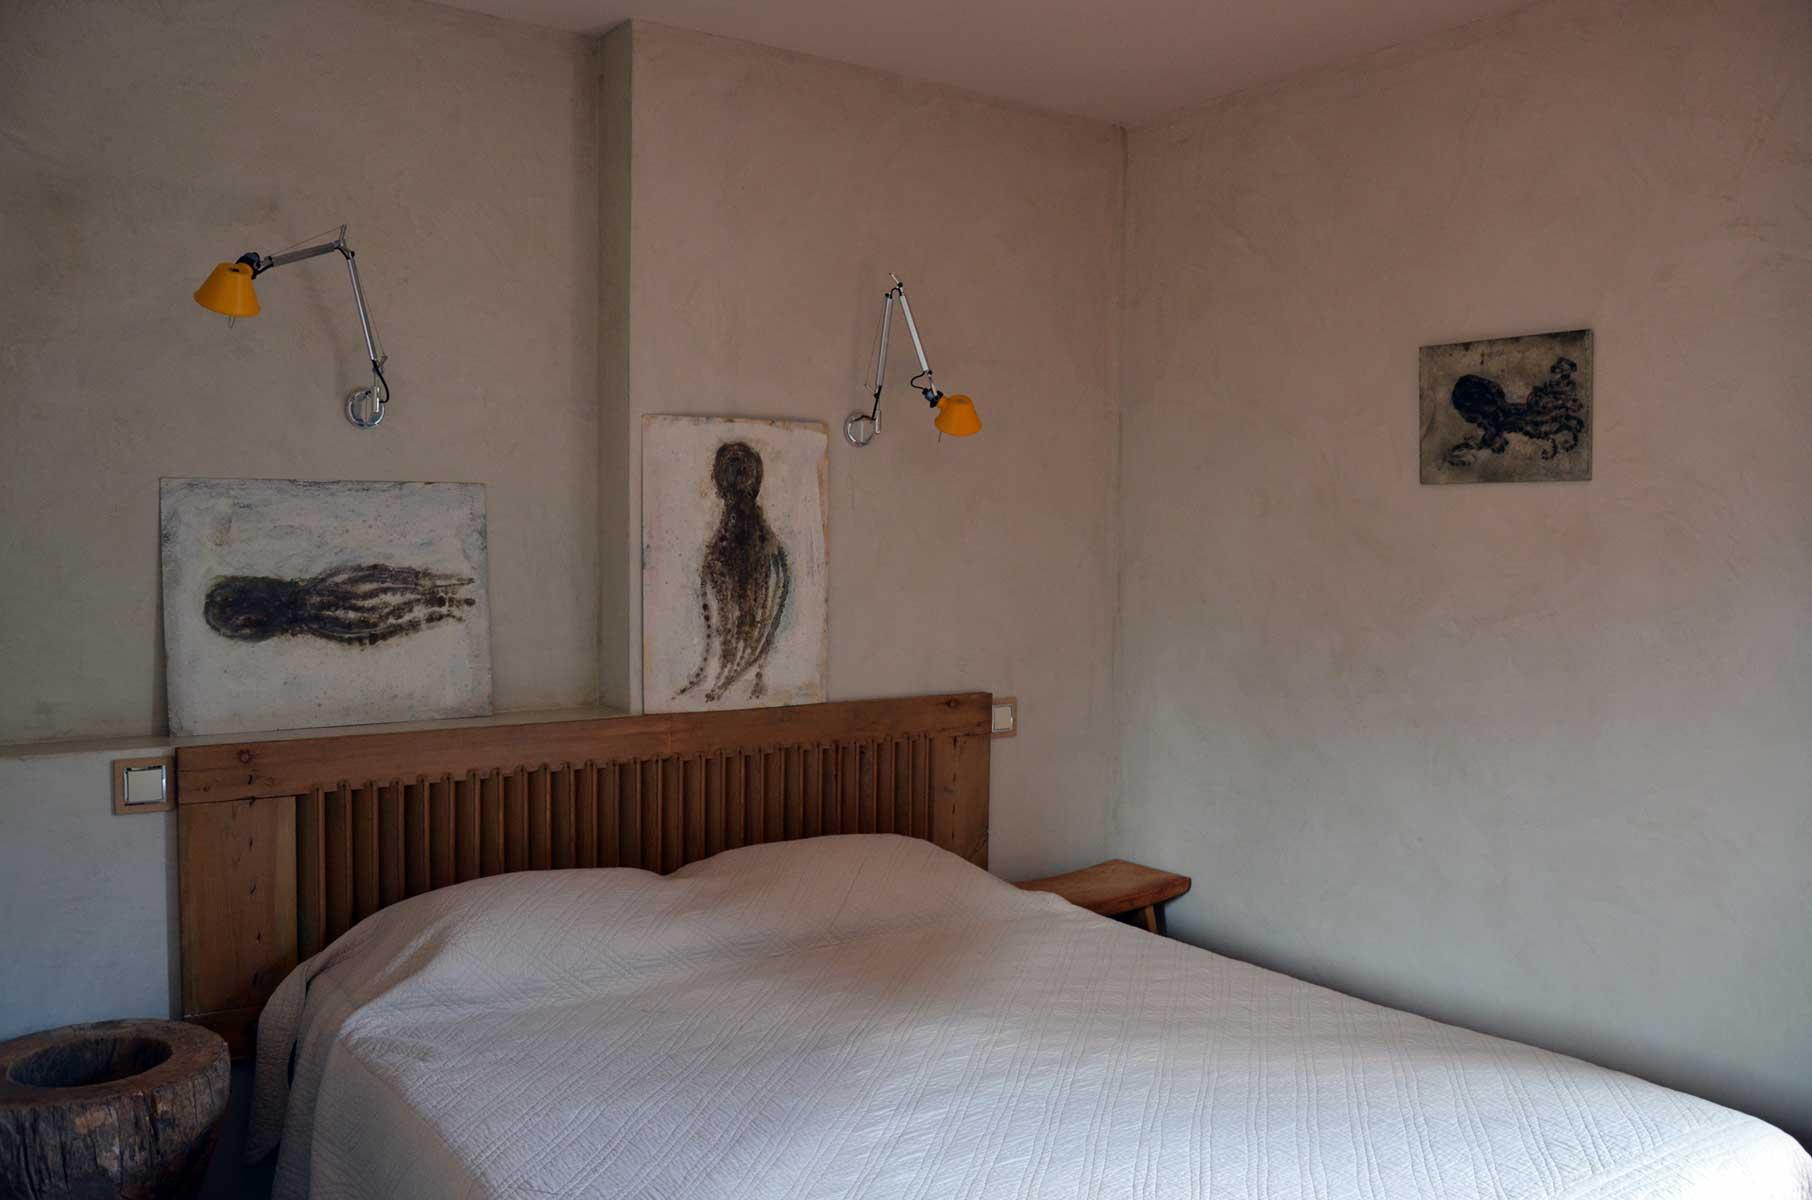 Corinne Tichadou artiste peintre chateau artiste peintre Bézier tableaux peinture art contemporain